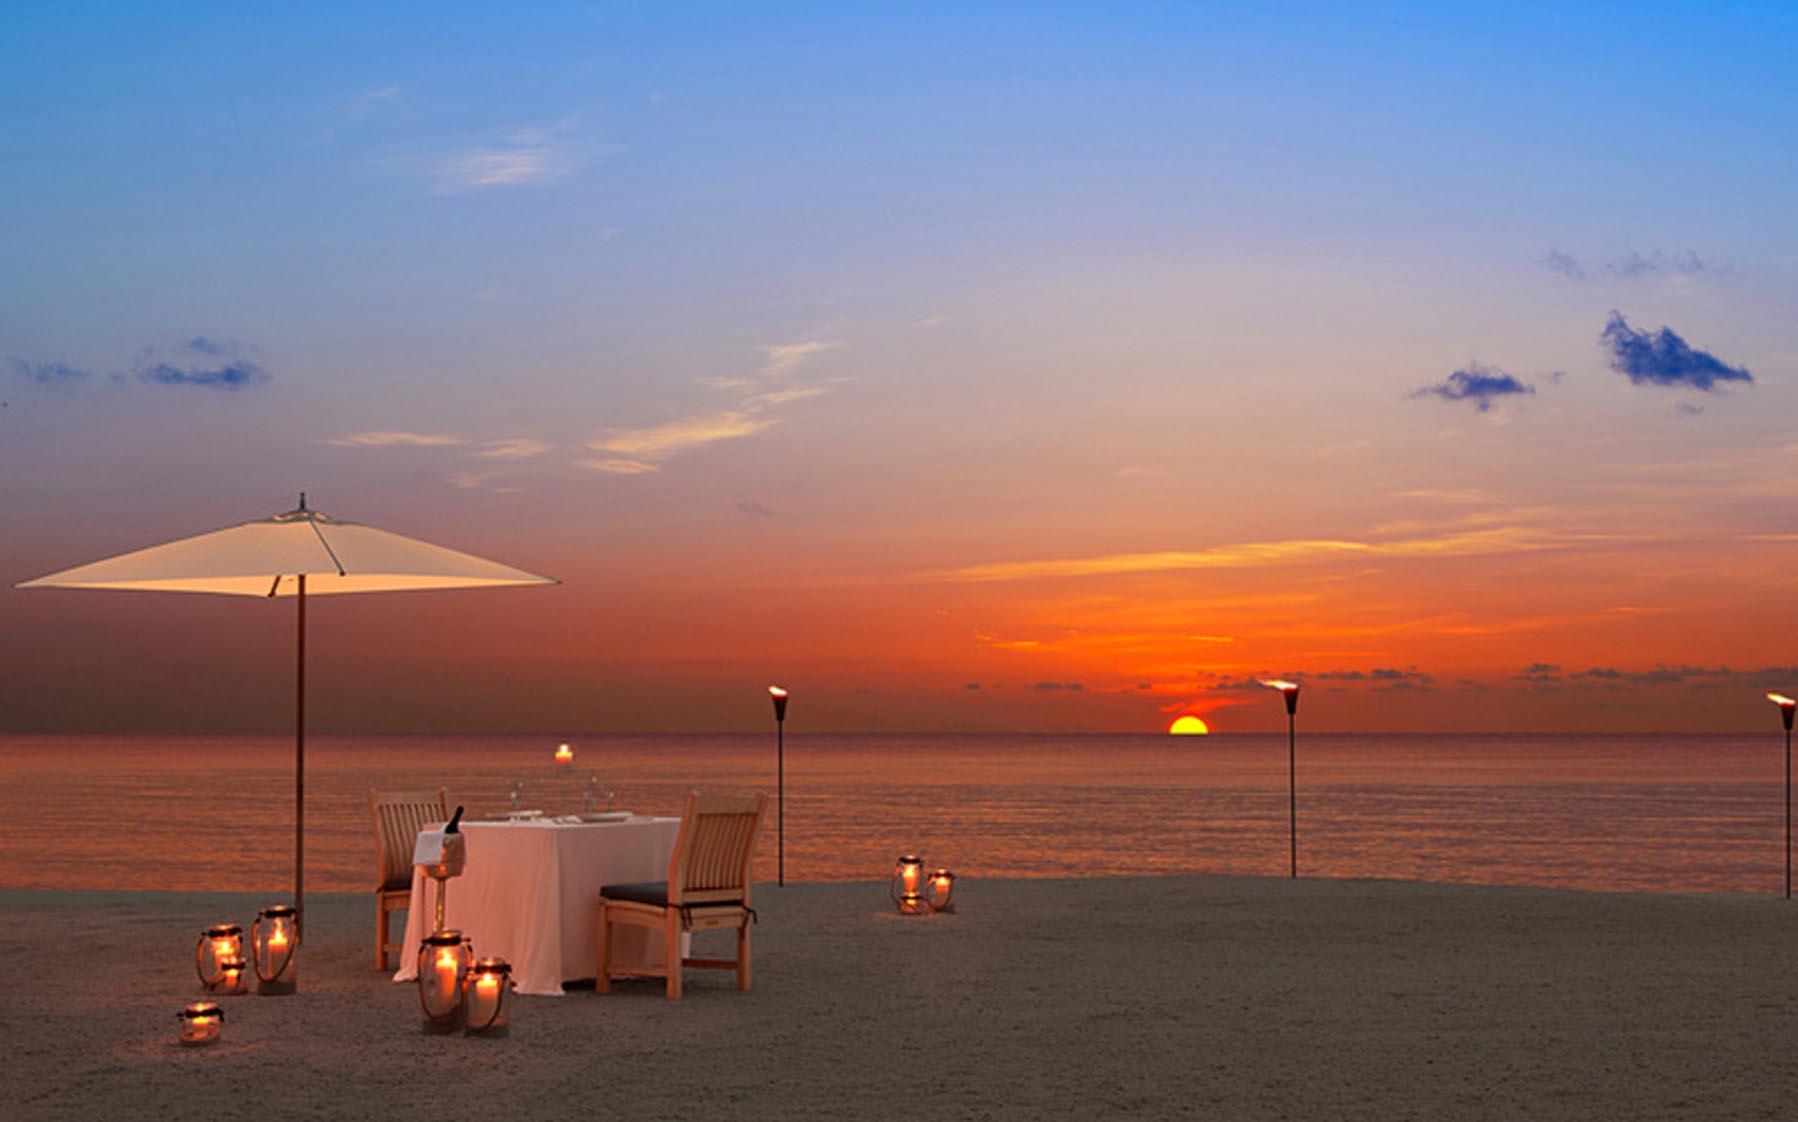 lune de miel voyage de noce floride USA Etats-Unis spécial couple plage sable blanc